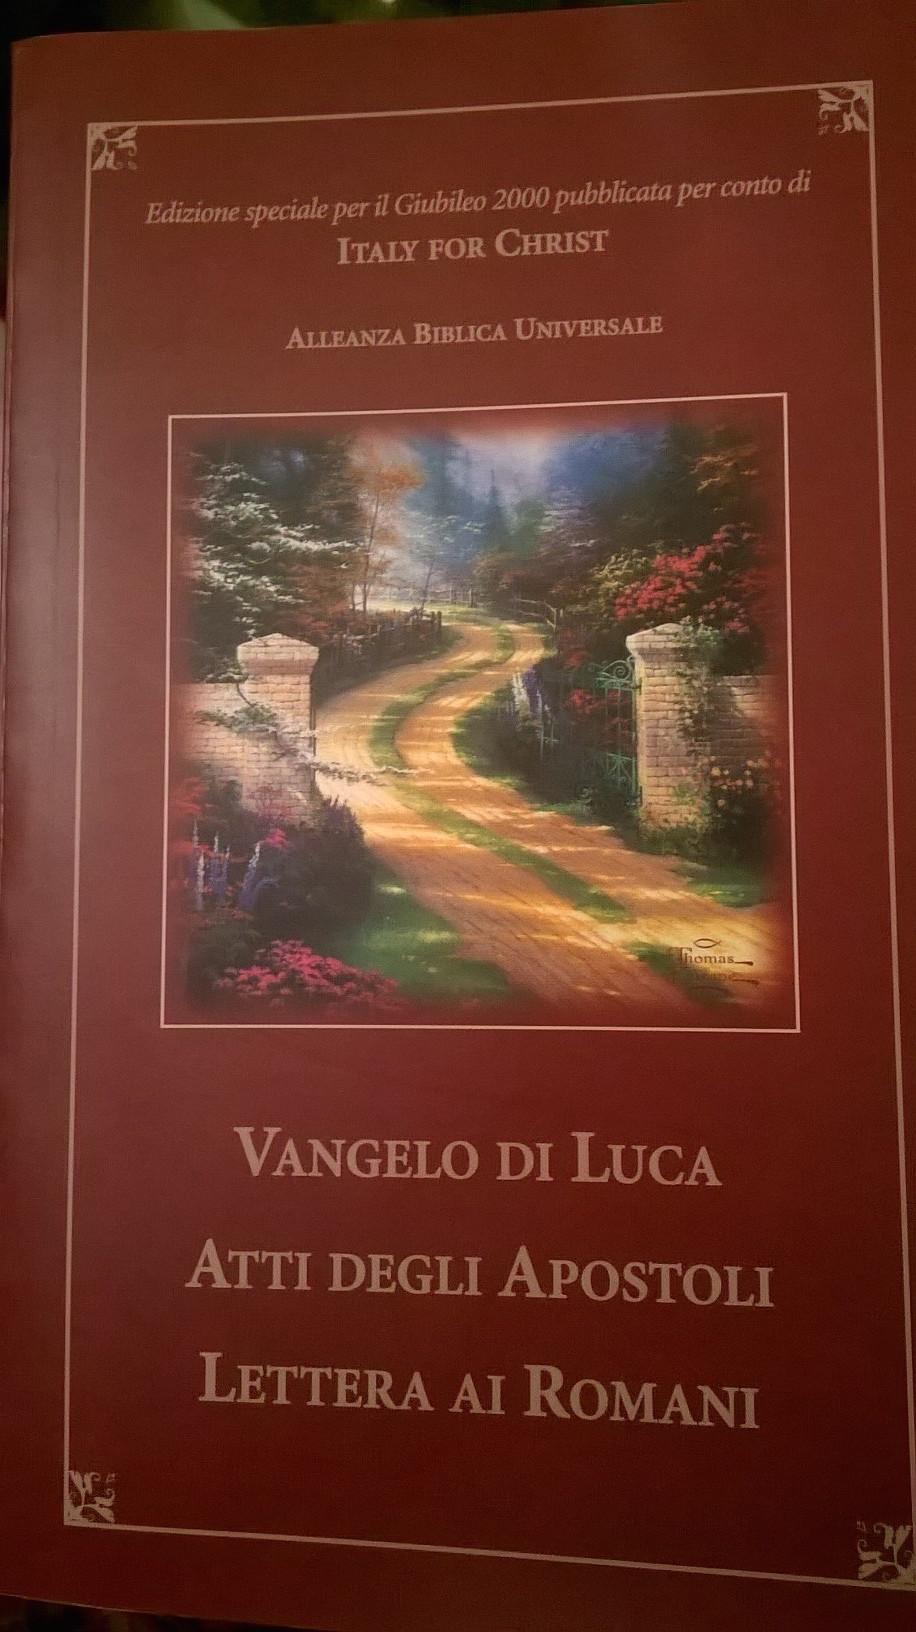 Vangelo di Luca; Atti degli apostoli; Lettera ai Romani